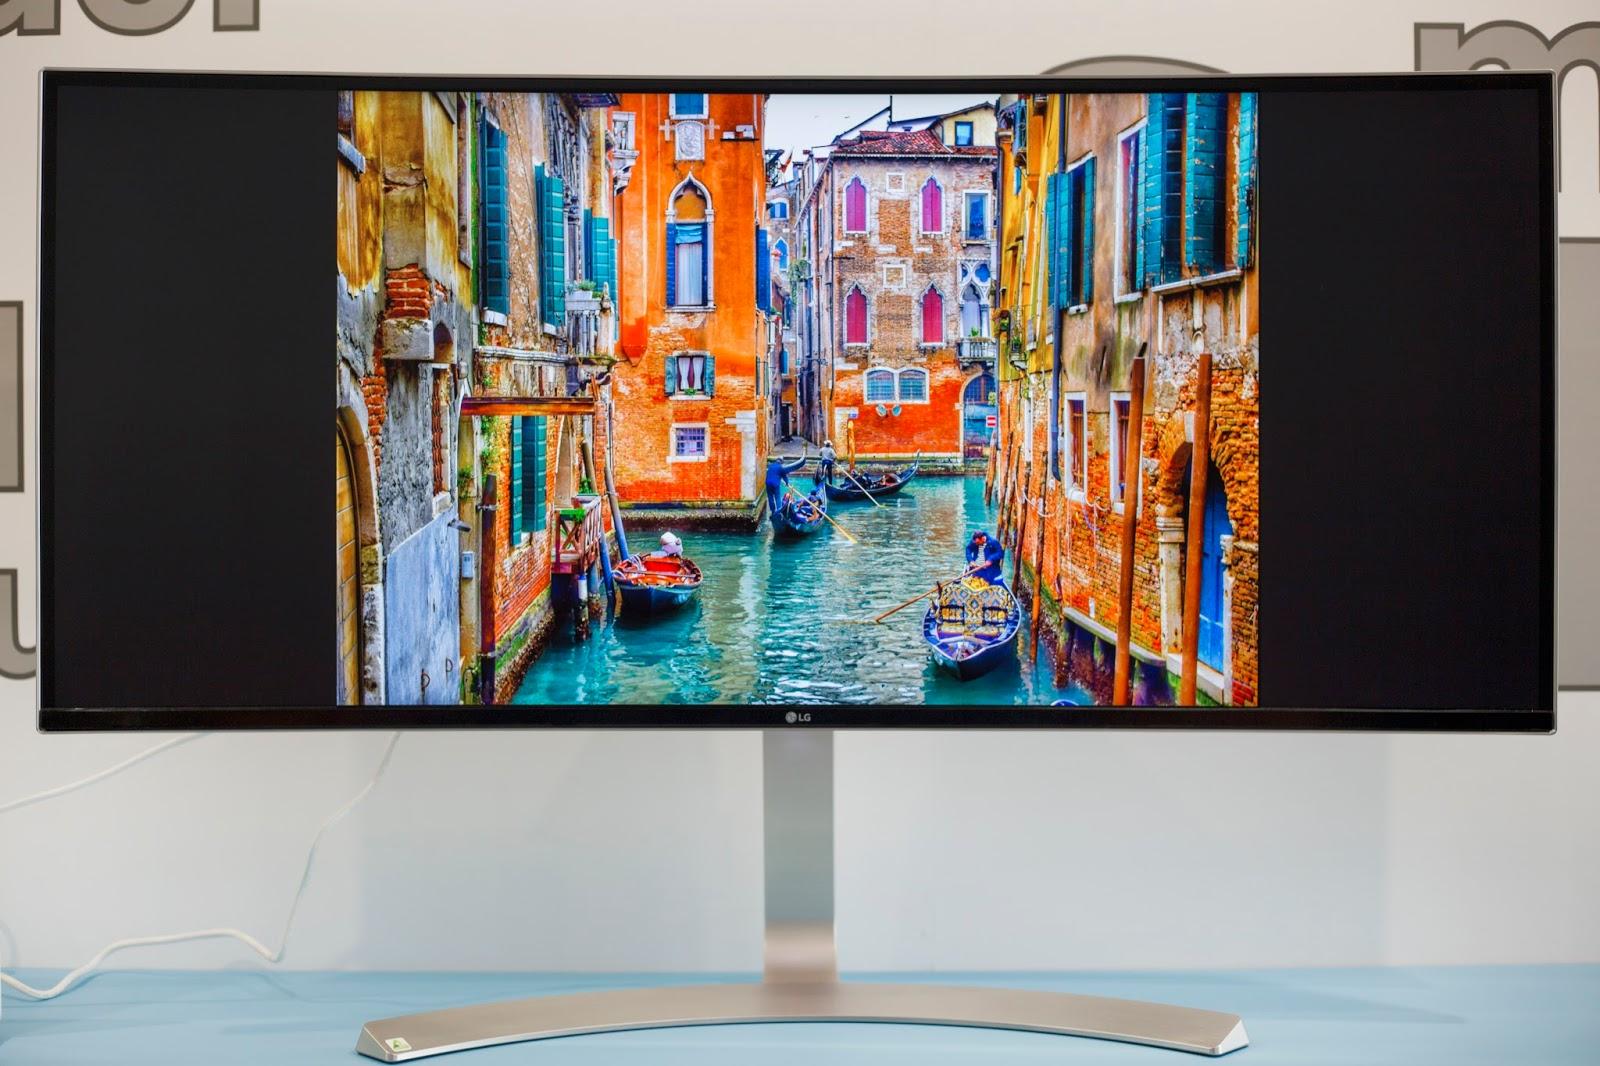 Trải nghiệm và đánh giá màn hình máy tính LG 38UC99 siêu rộng